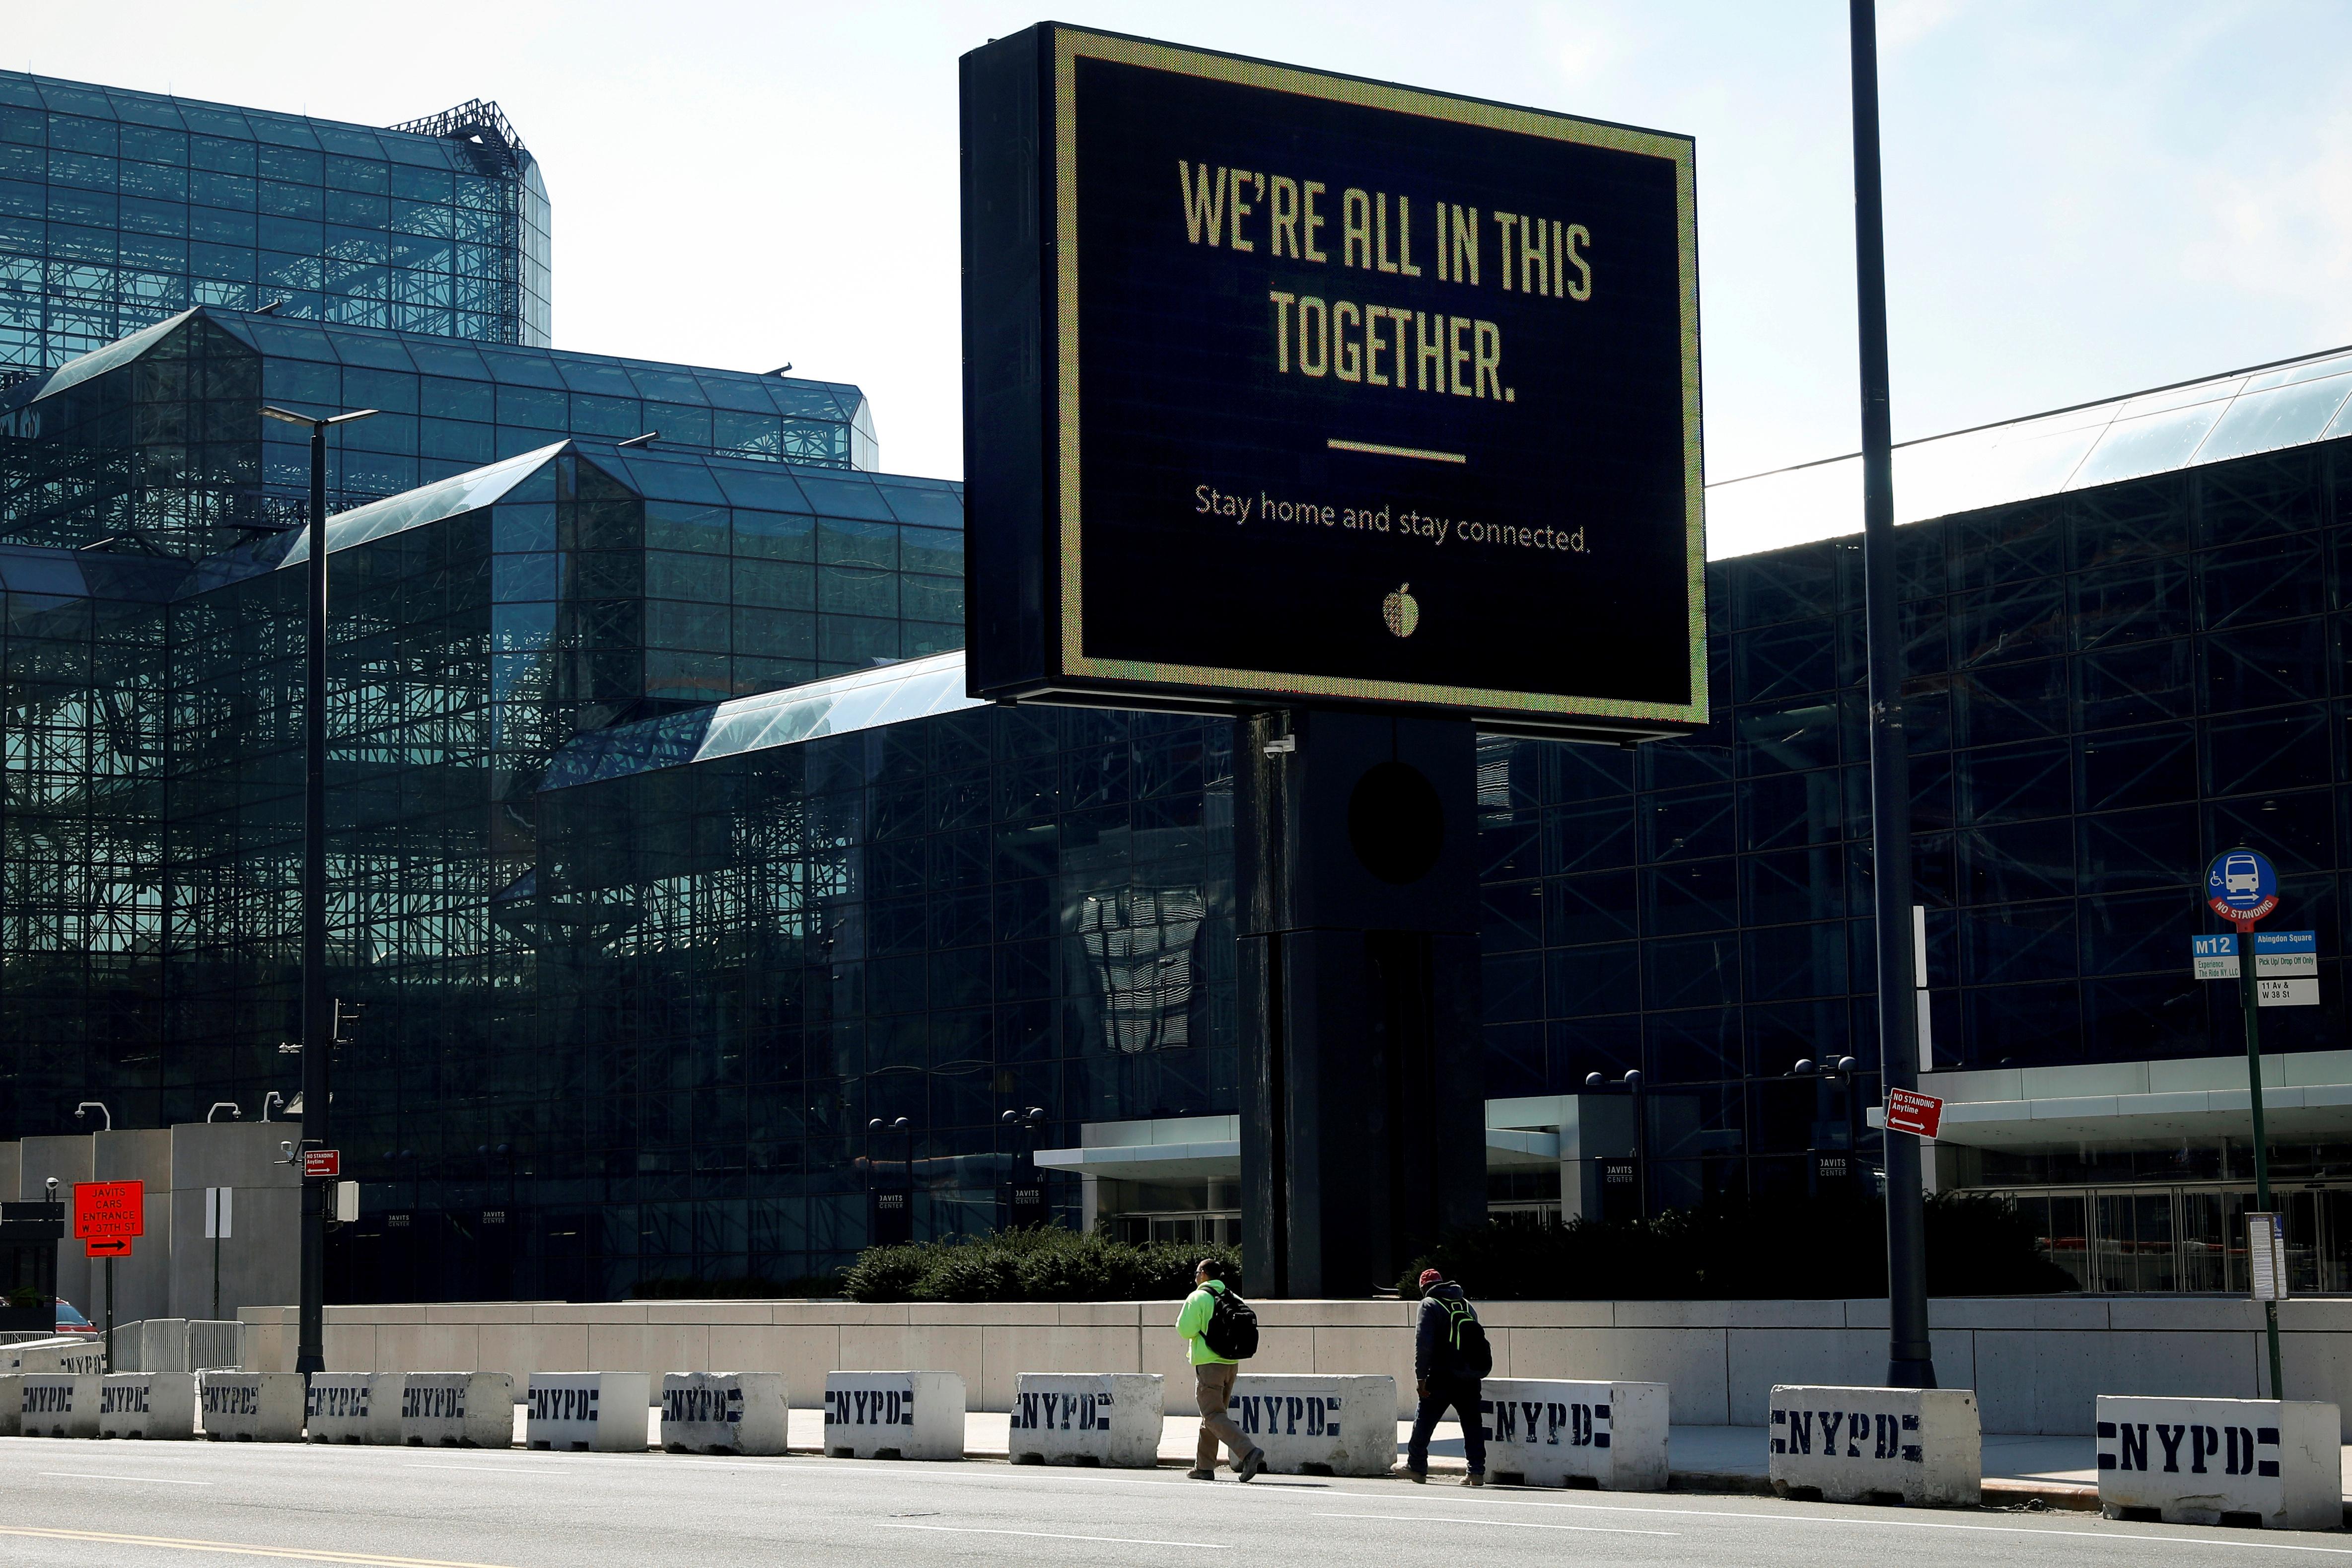 """纽约曼哈顿雅各布贾维茨会议中心外头的布告板写着""""我们共同抗疫"""",该中心部分已改建为收治武汉肺炎病患的临时医院。-路透社-"""